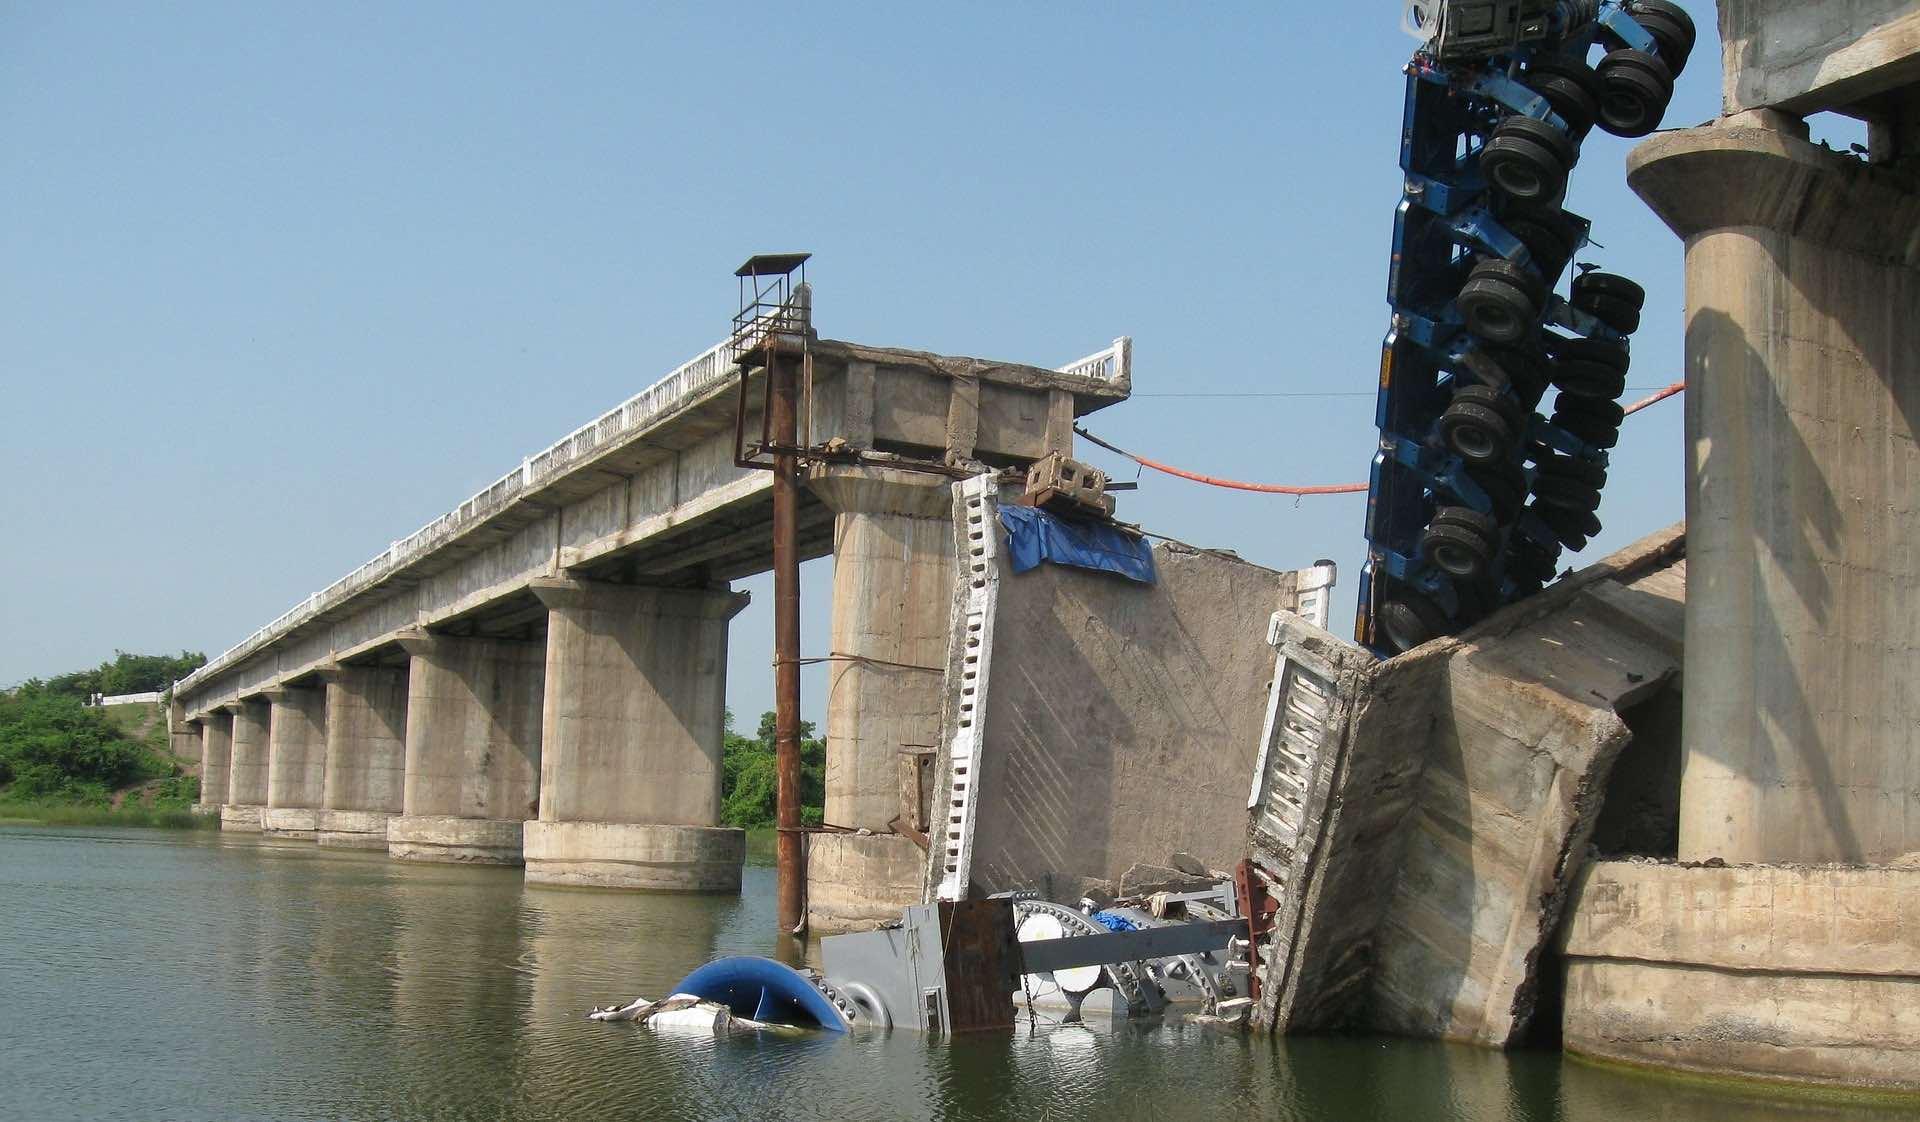 Crollo di un ponte in cemento armato con un camion in bilico: colpa degli ingegneri?